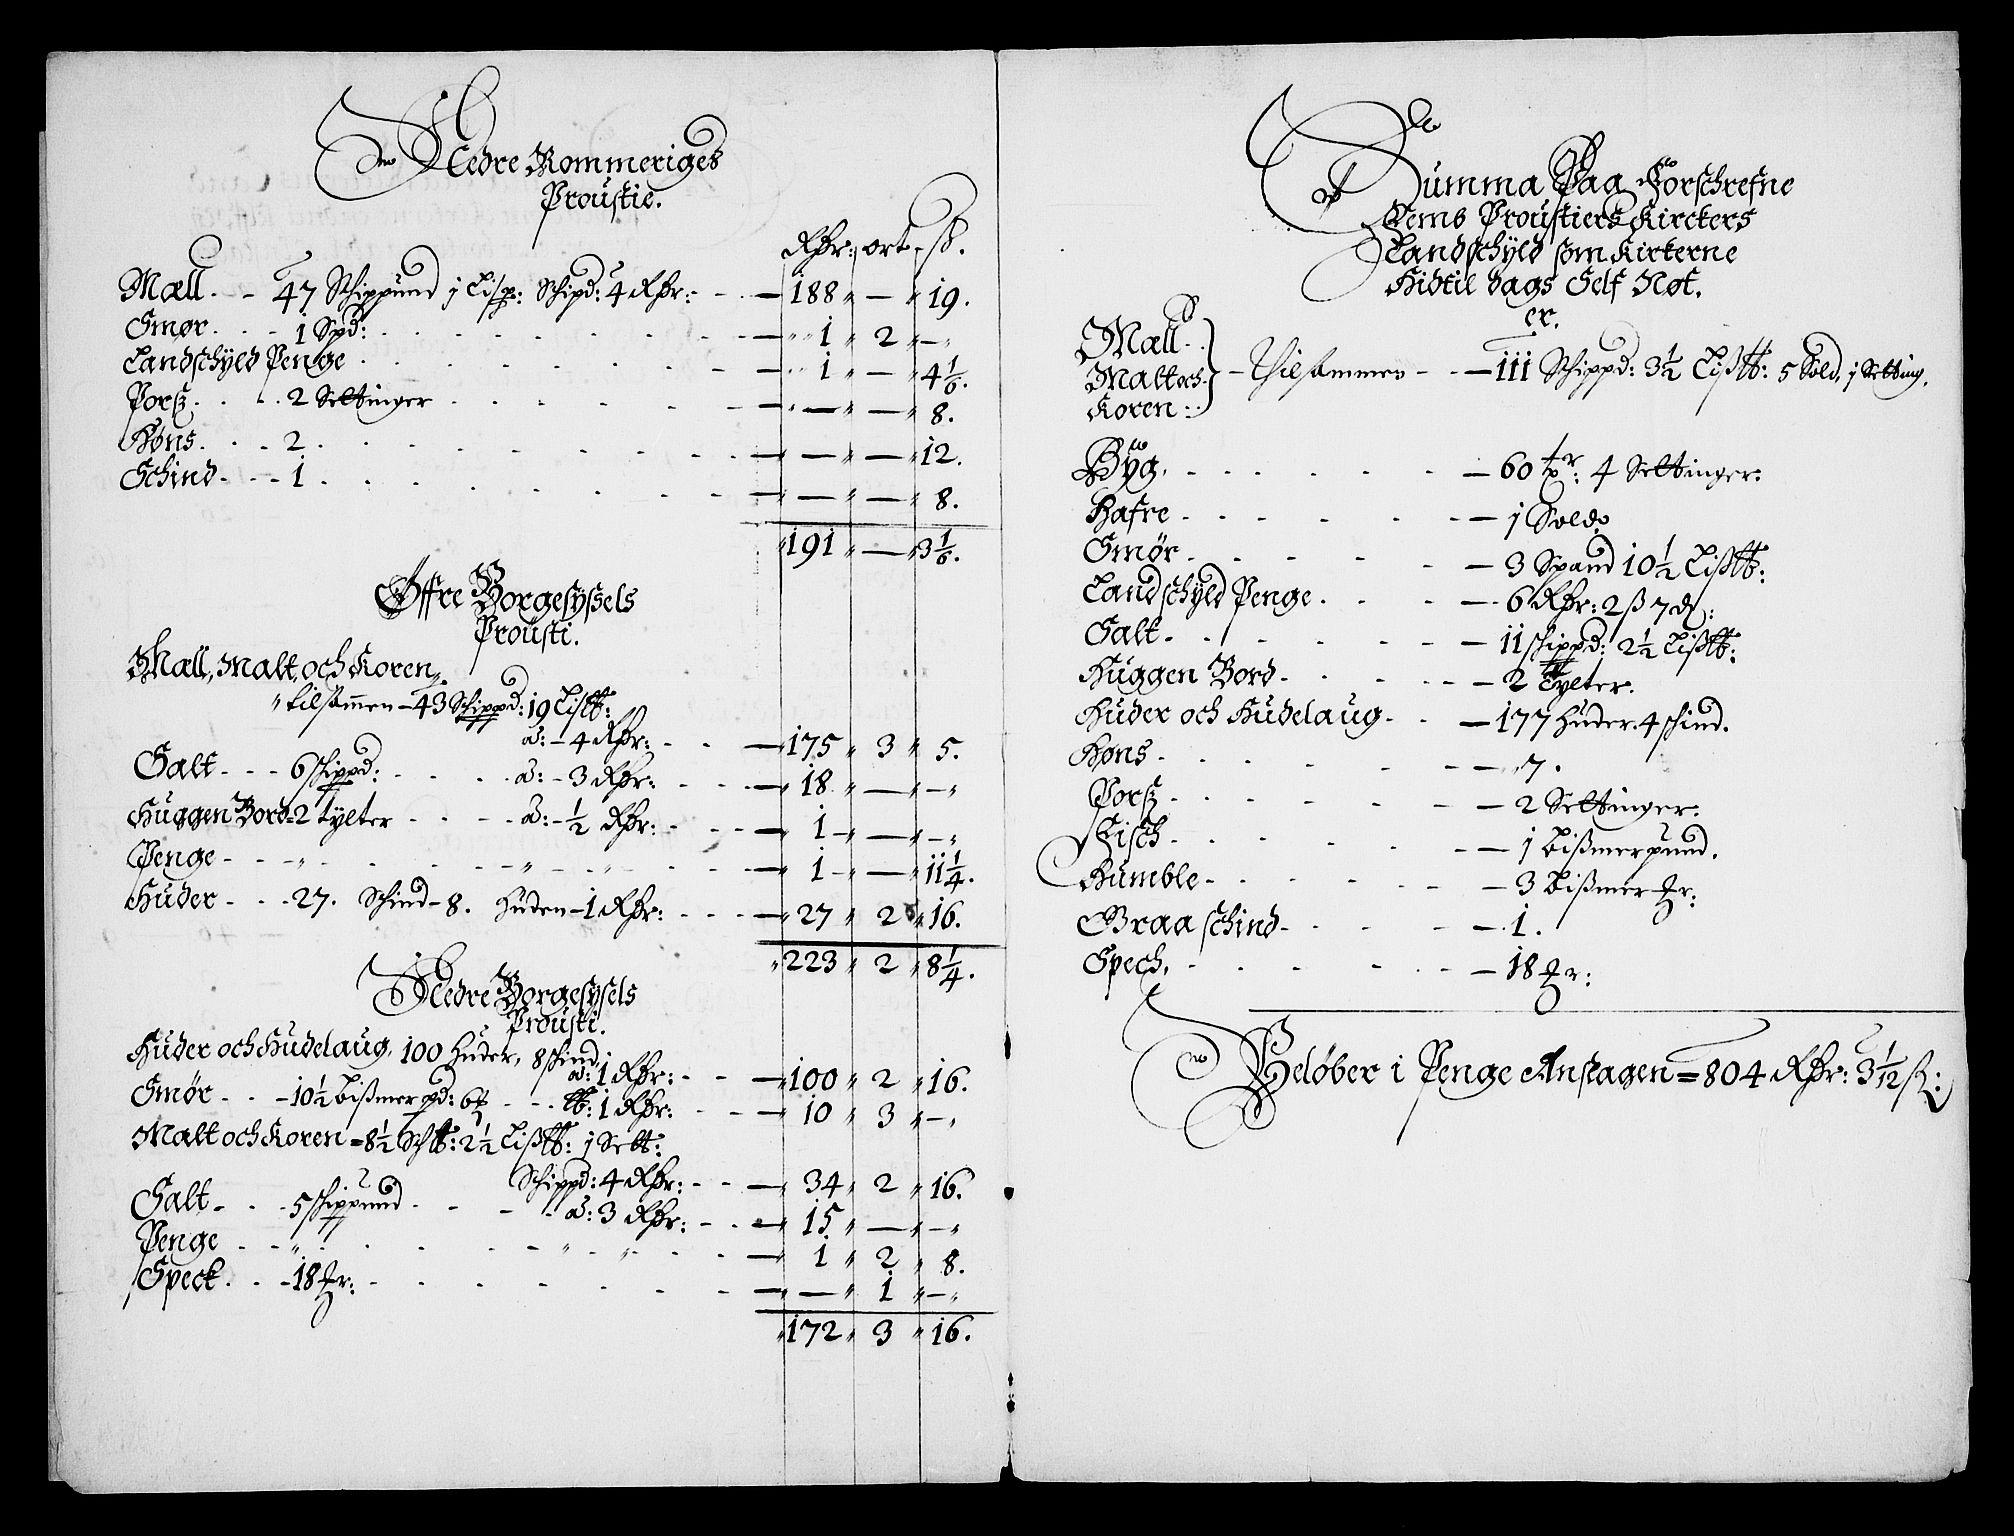 RA, Danske Kanselli, Skapsaker, G/L0019: Tillegg til skapsakene, 1616-1753, s. 286